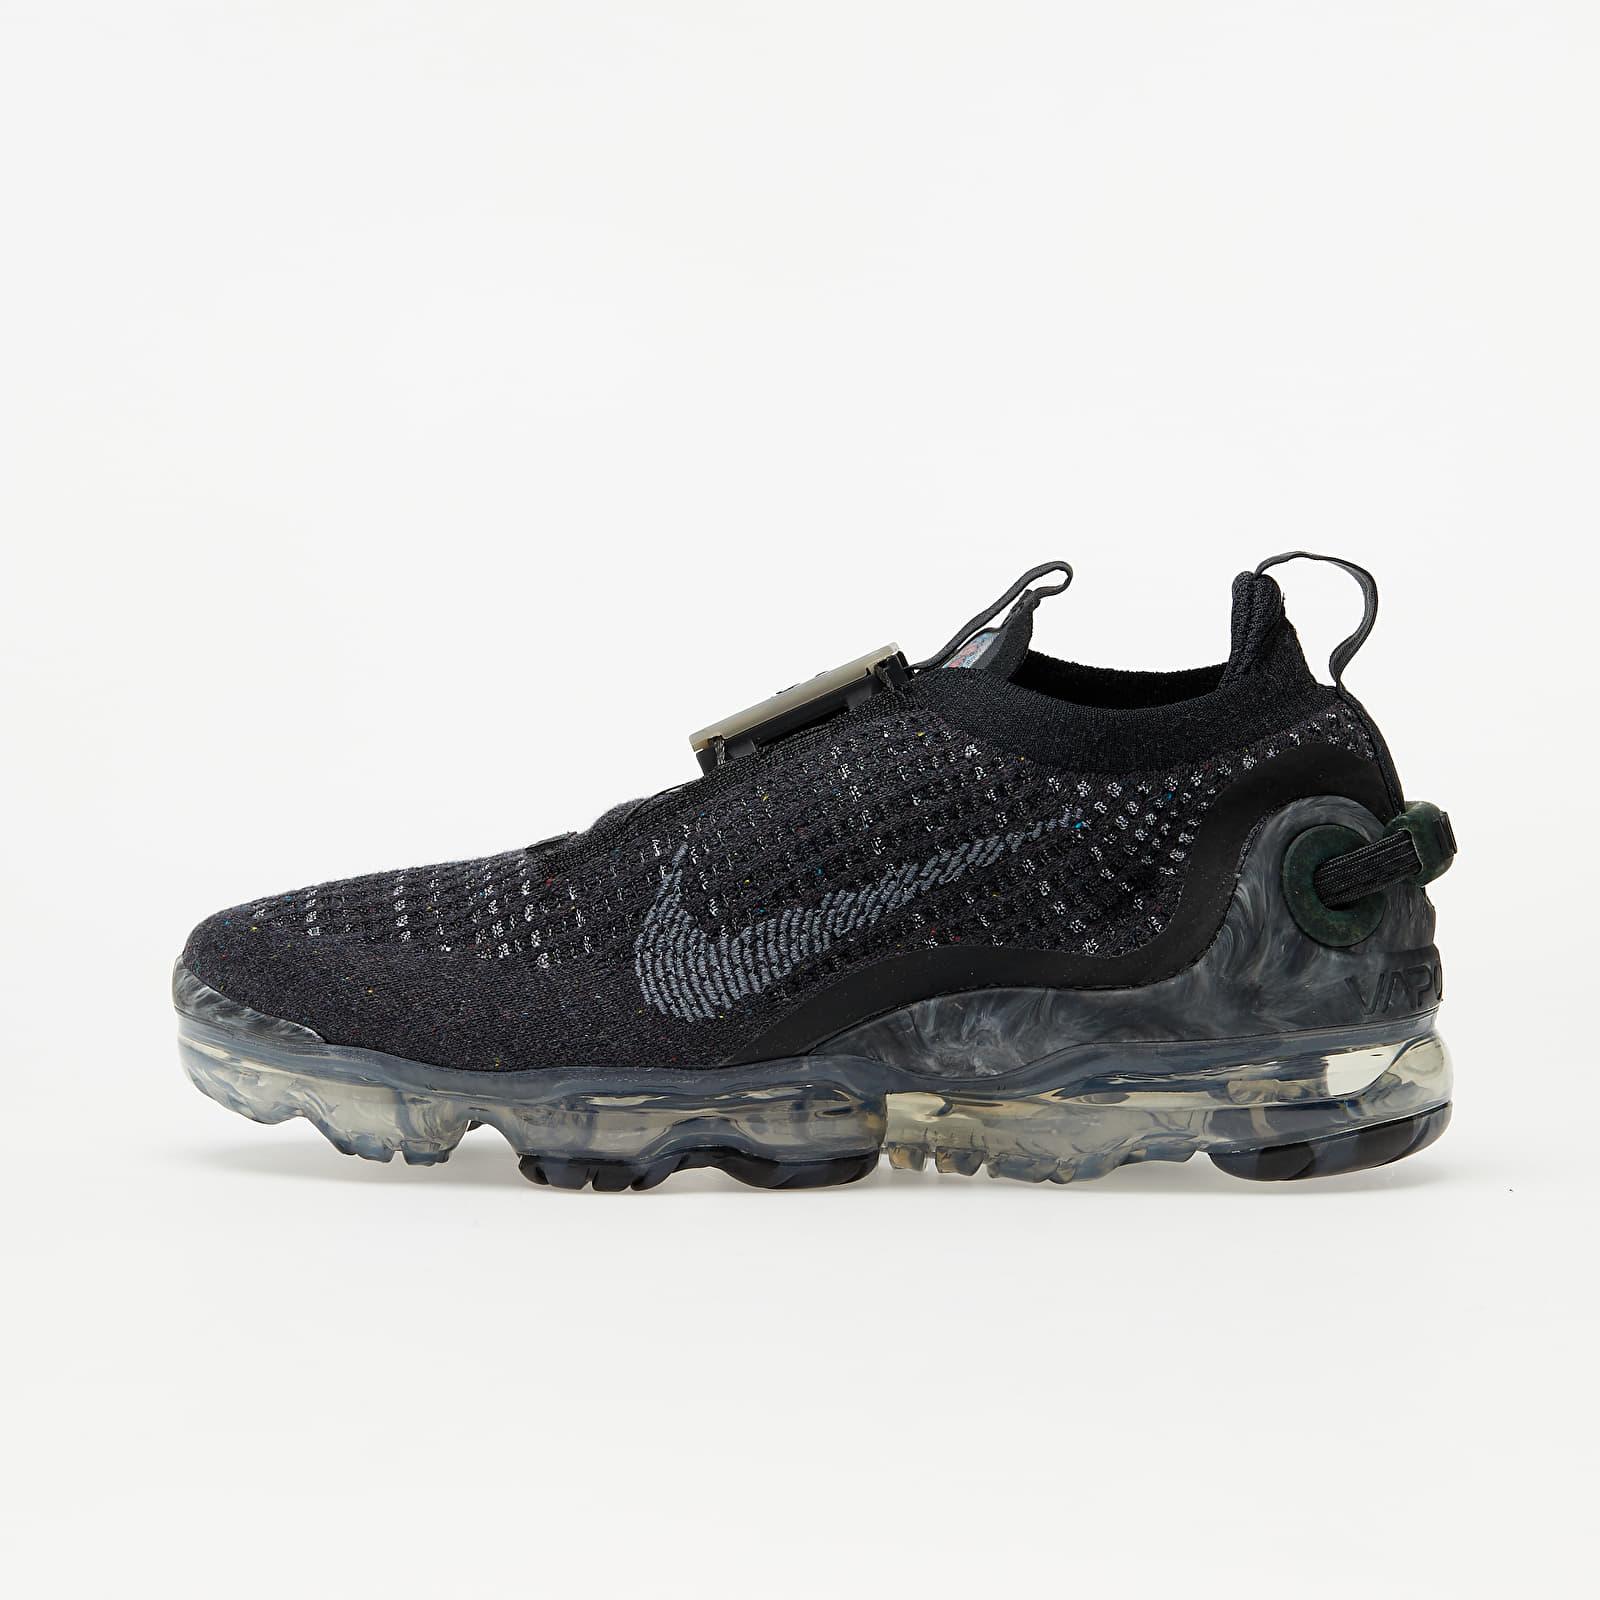 Dámské tenisky a boty Nike W Air Vapormax 2020 FK Black/ Dark Grey-Black